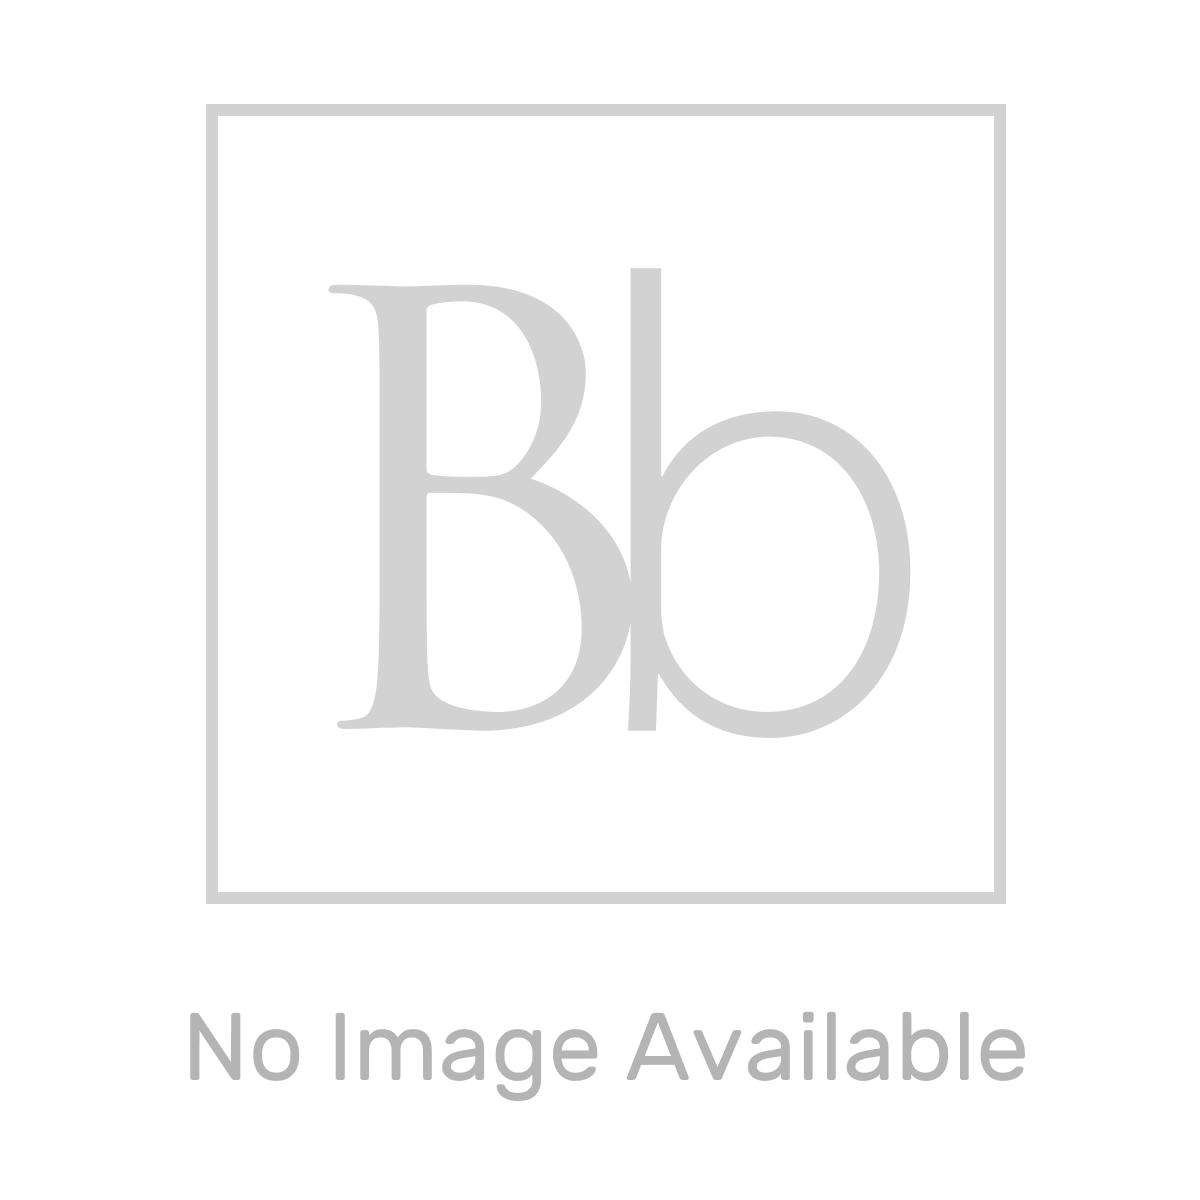 Frontline Slimline Rectangular Shower Tray 1200 x 900mm